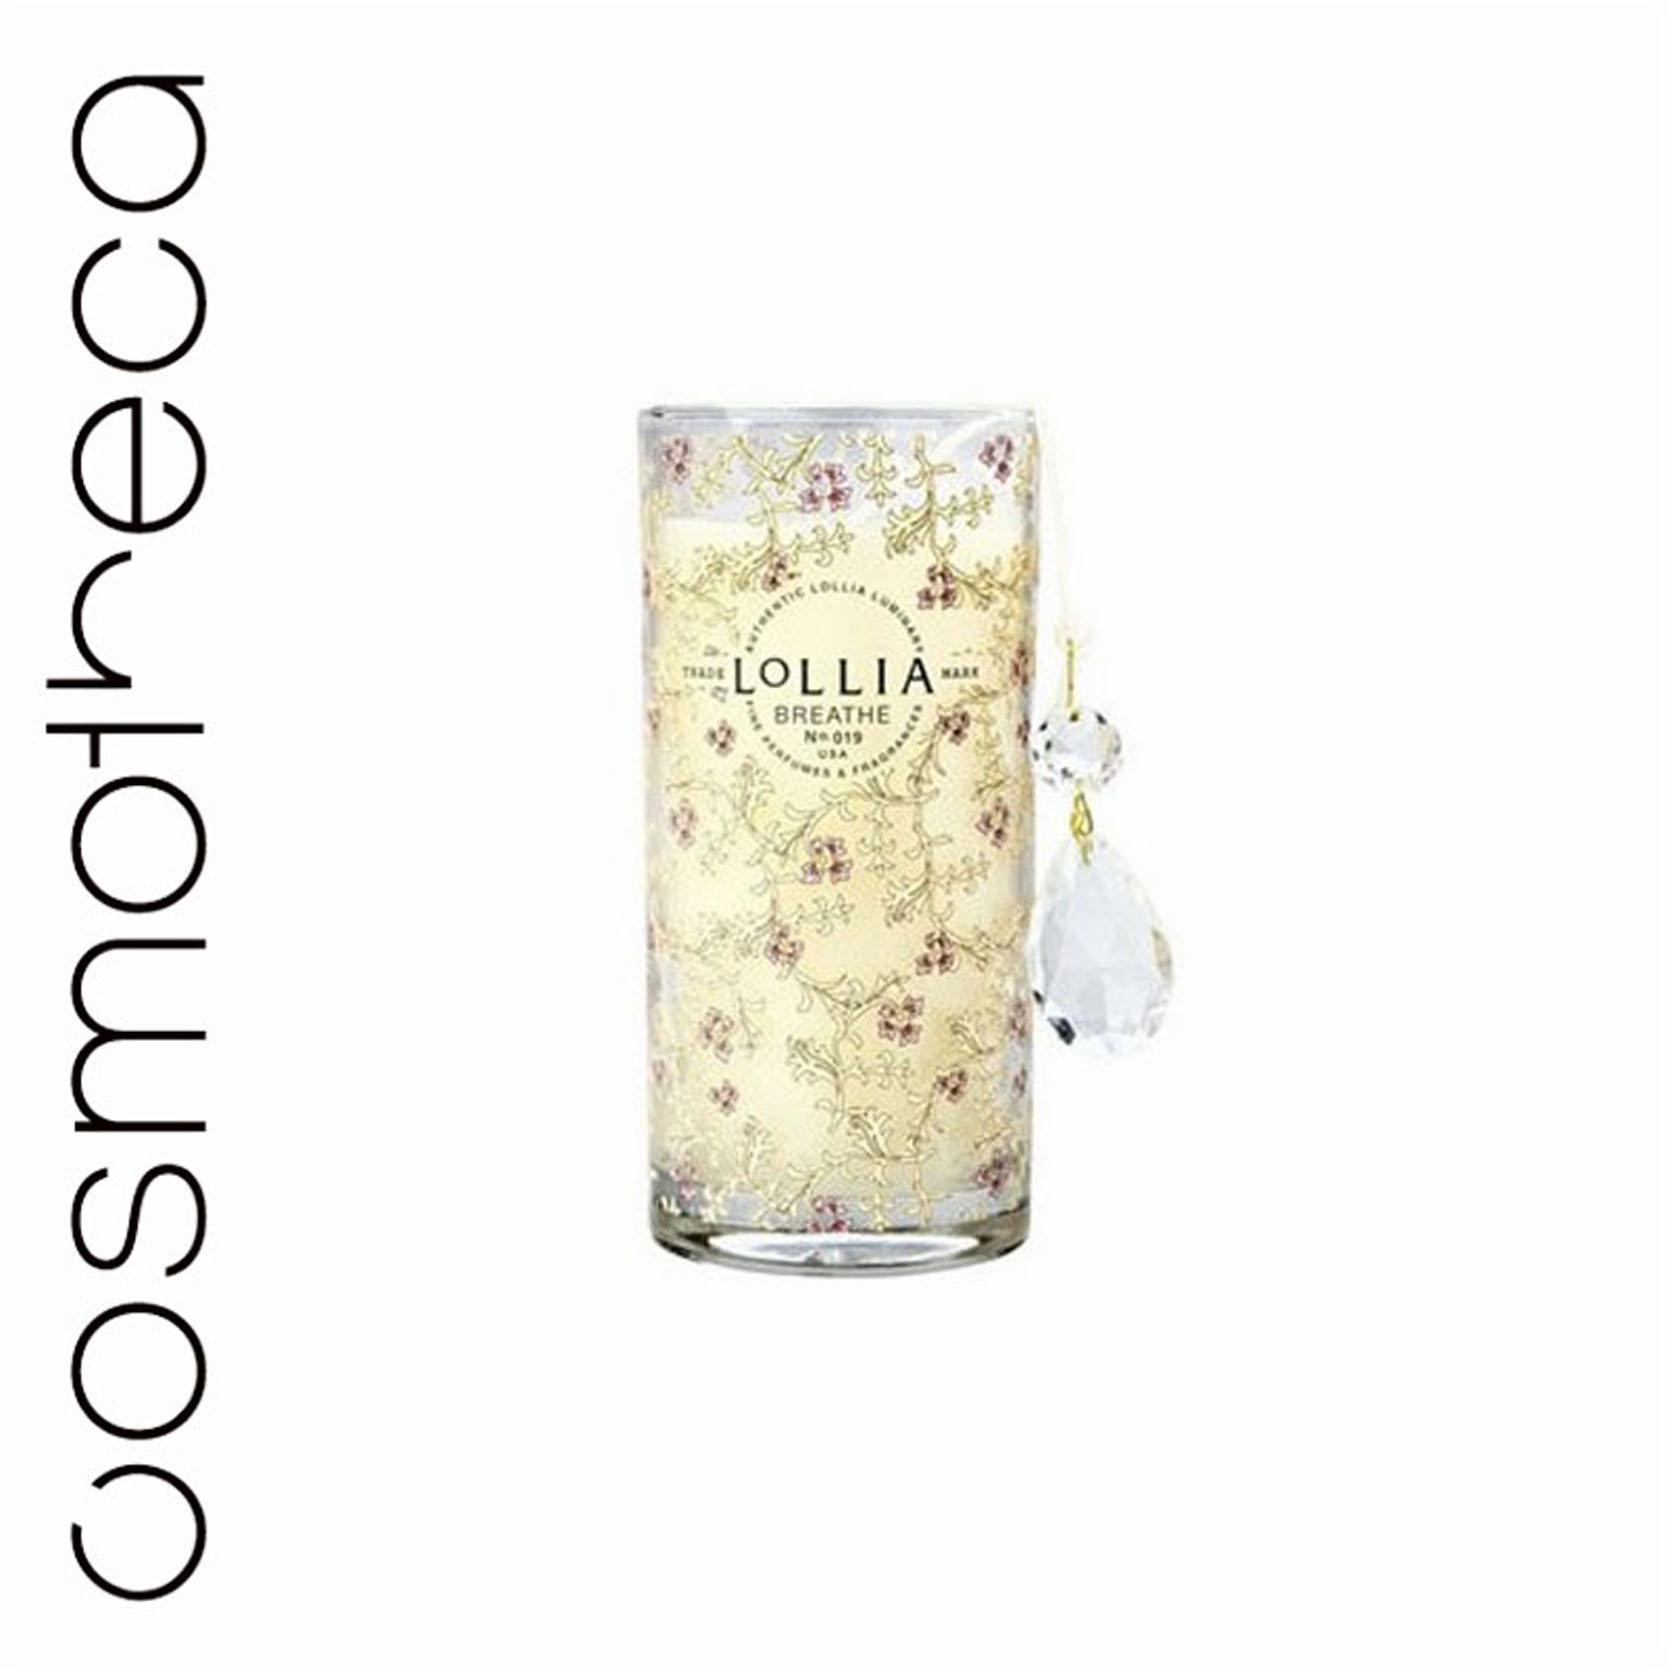 Lollia Свеча ароматизированная Дыхание, 300 гTKM10Q1BДорожная ароматизированная свеча Lollia Дыхание. Ароматические ноты: пион, белая лилия, апельсин, грейпфрут, мох, свежая зелень.